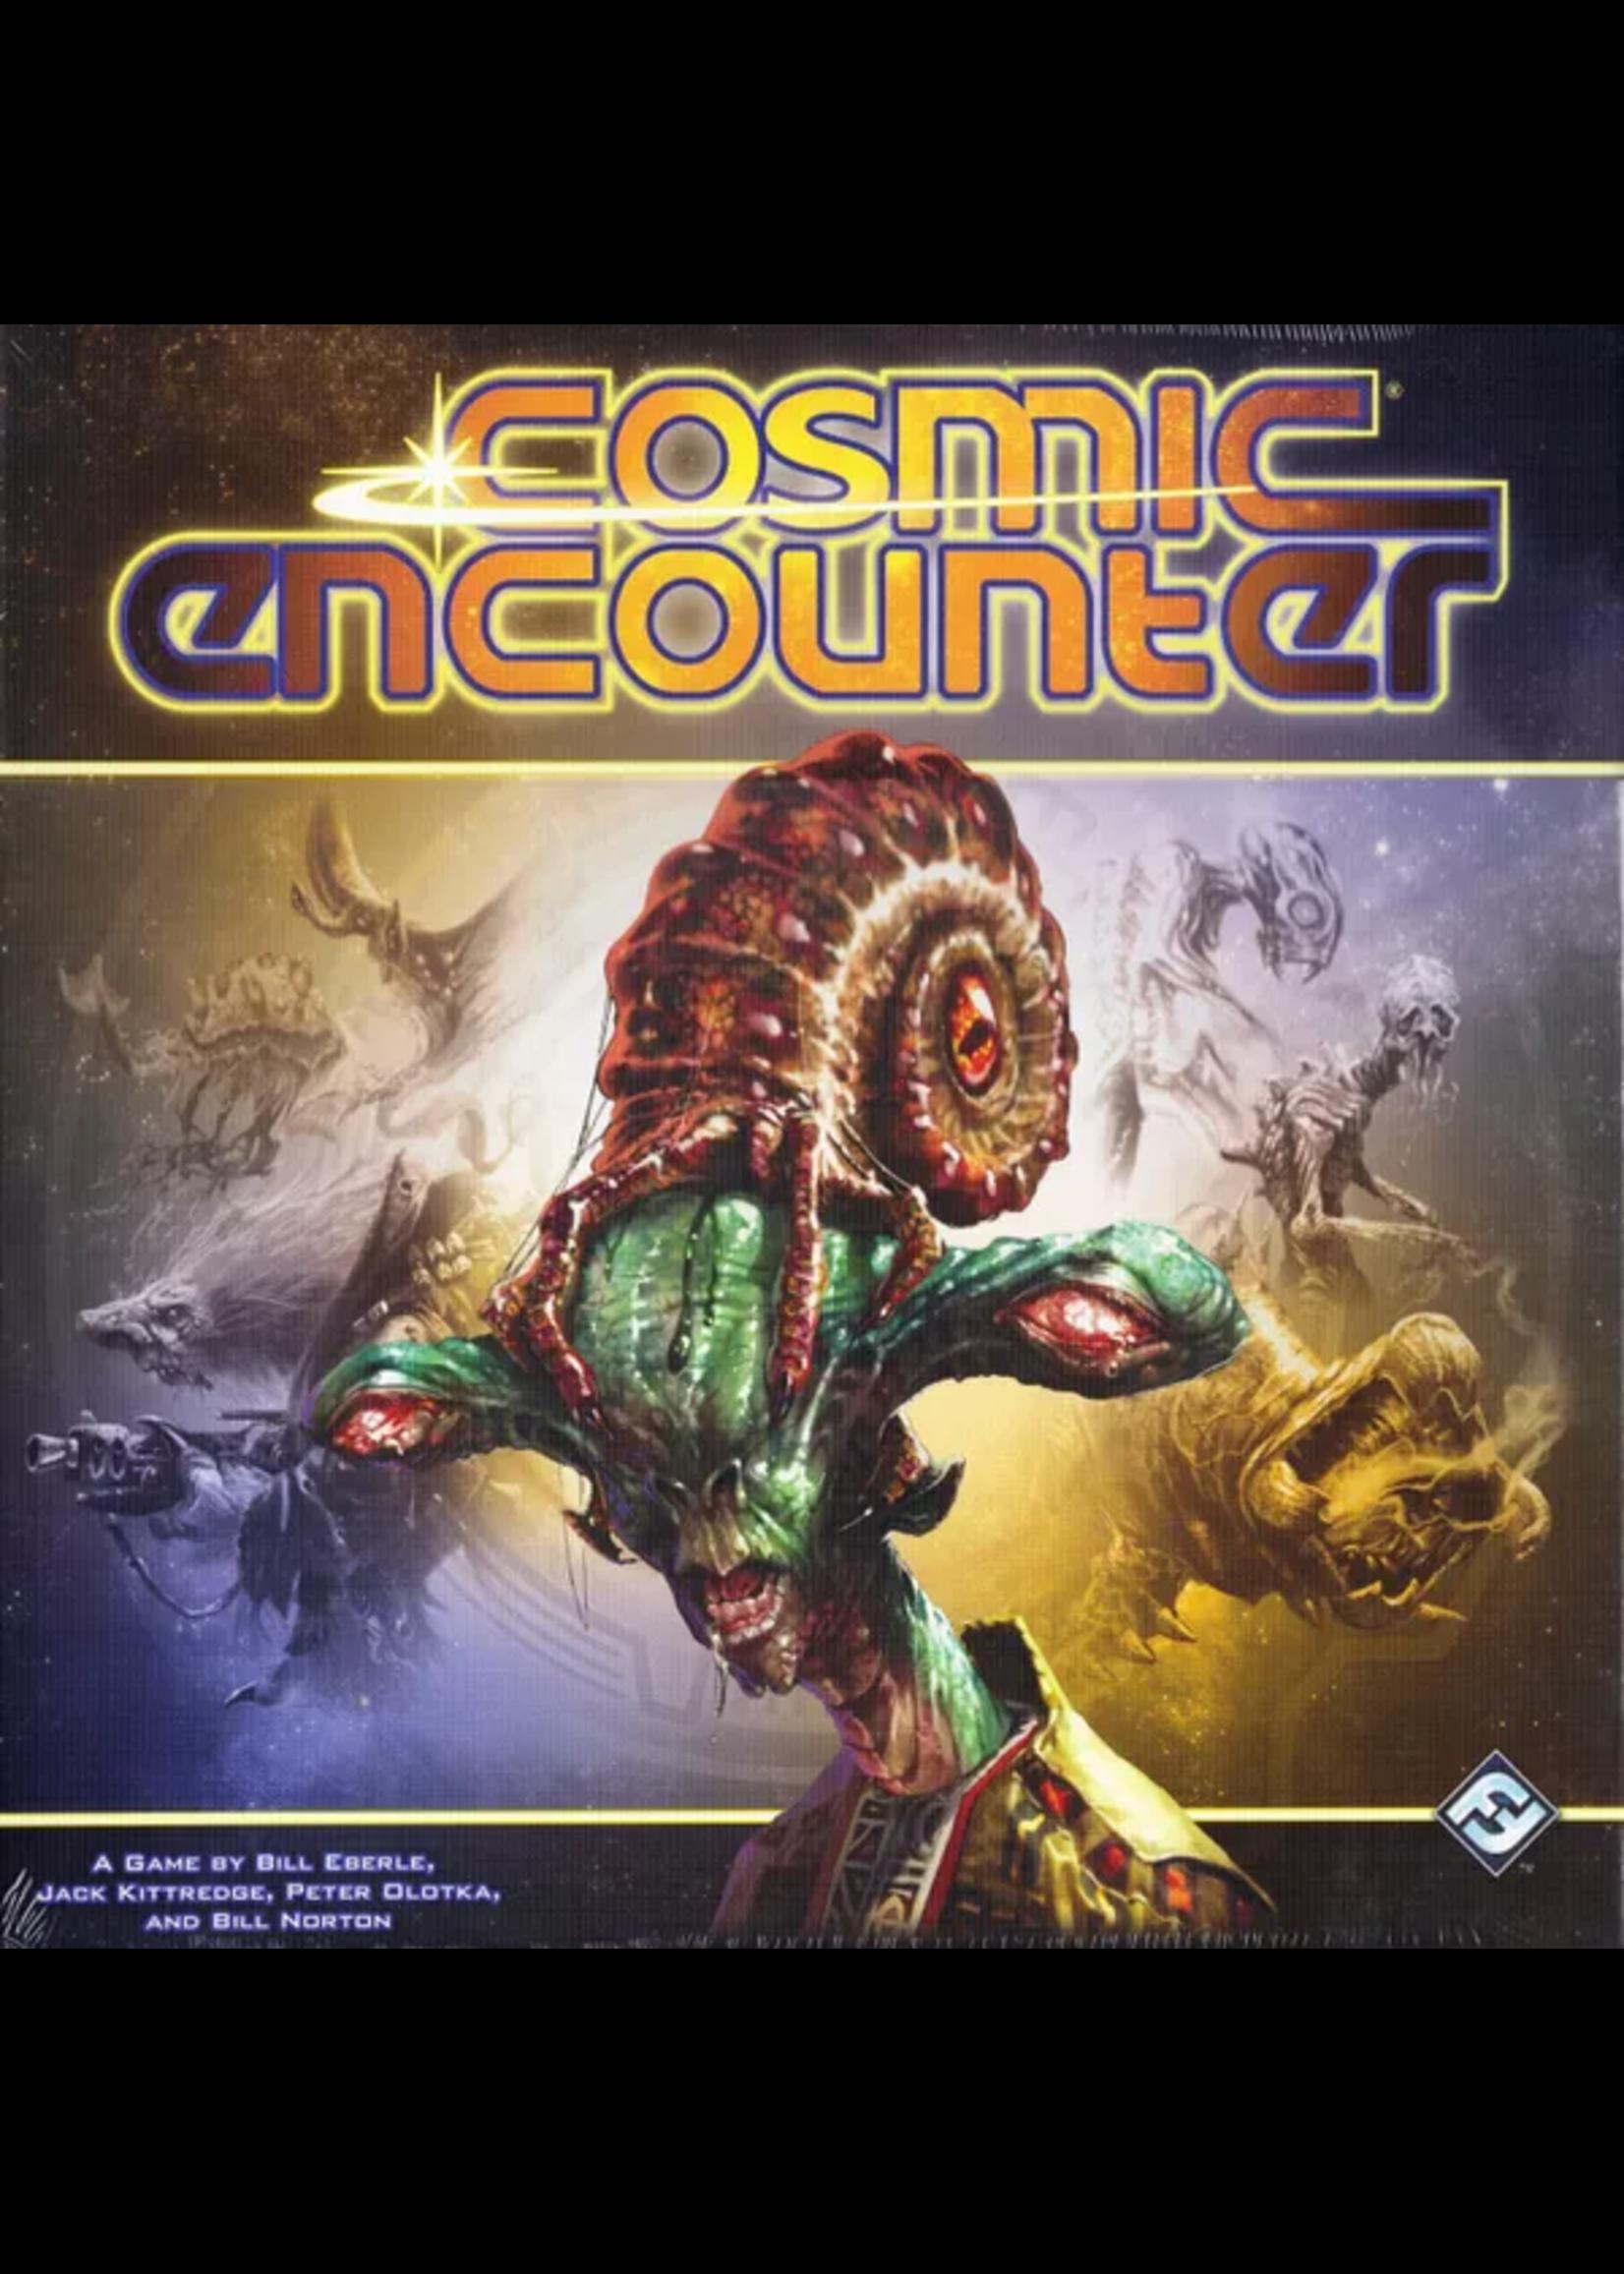 Cosmic Encoutner